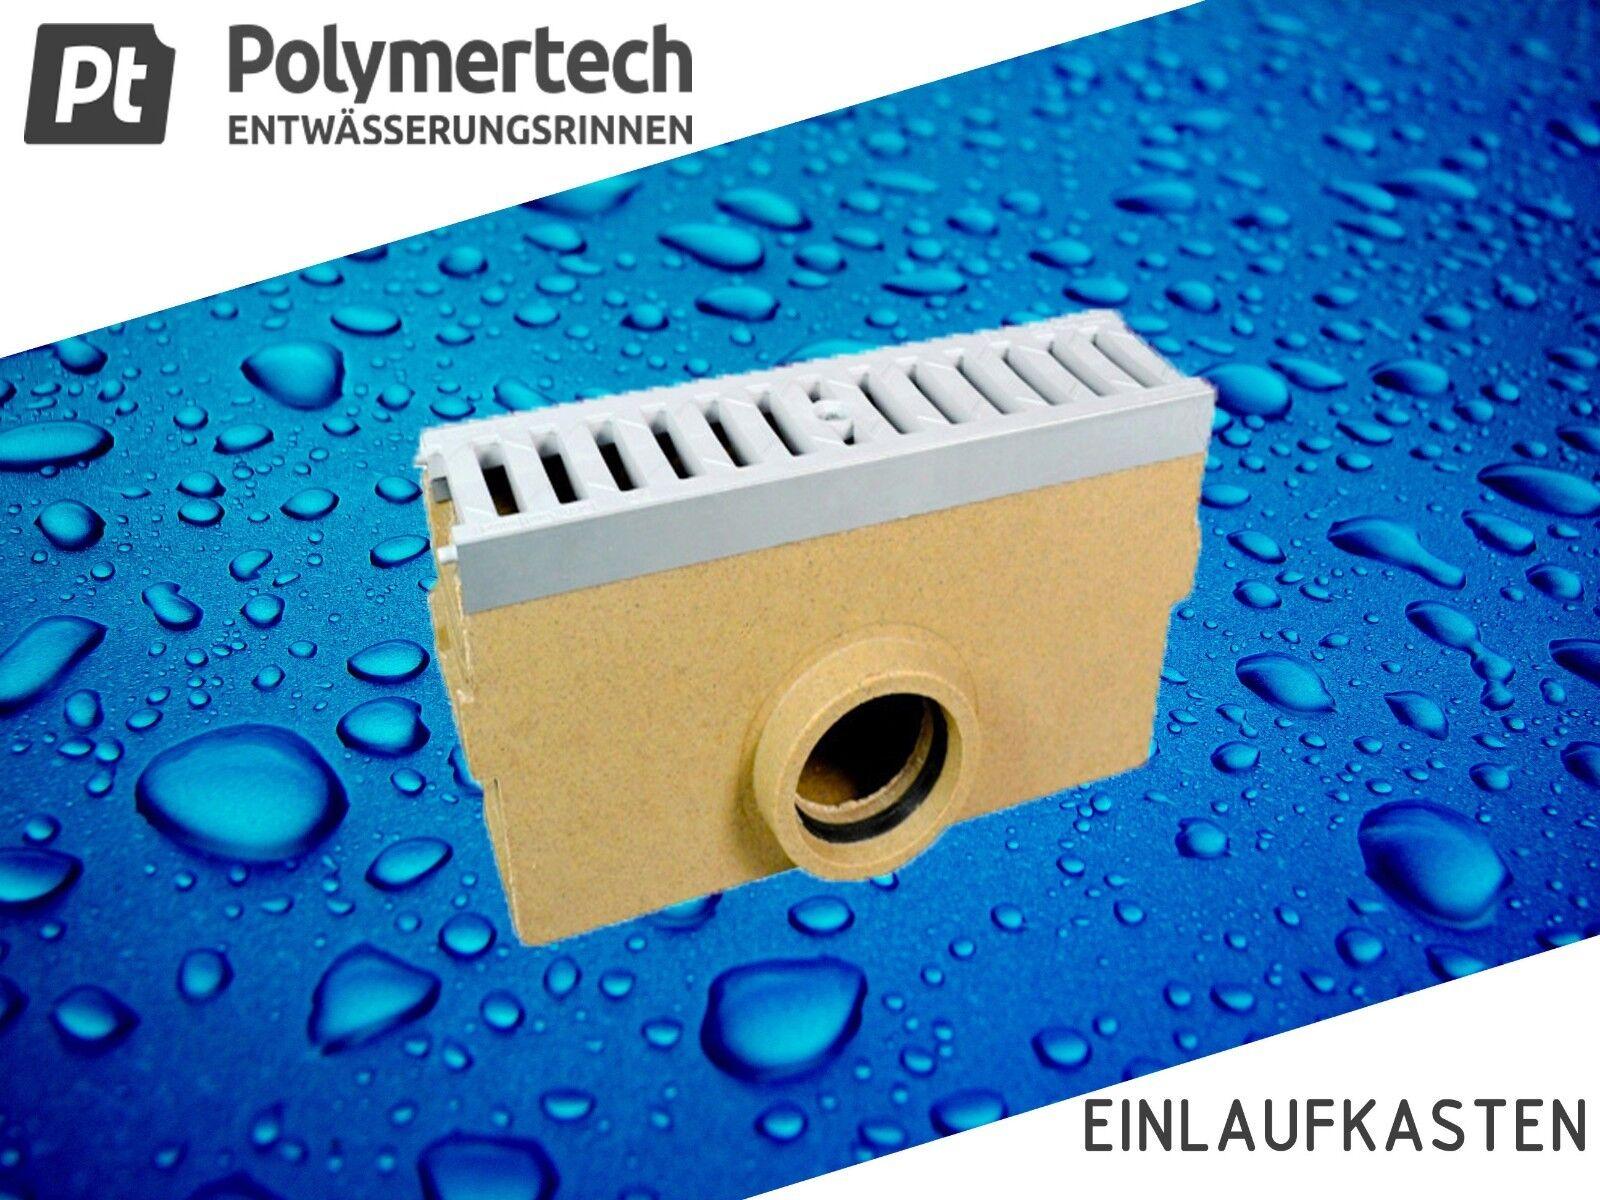 Polymerbeton Einlaufkasten inkl.Kunststoffrost kl. B125 bis 12,5 tonnen